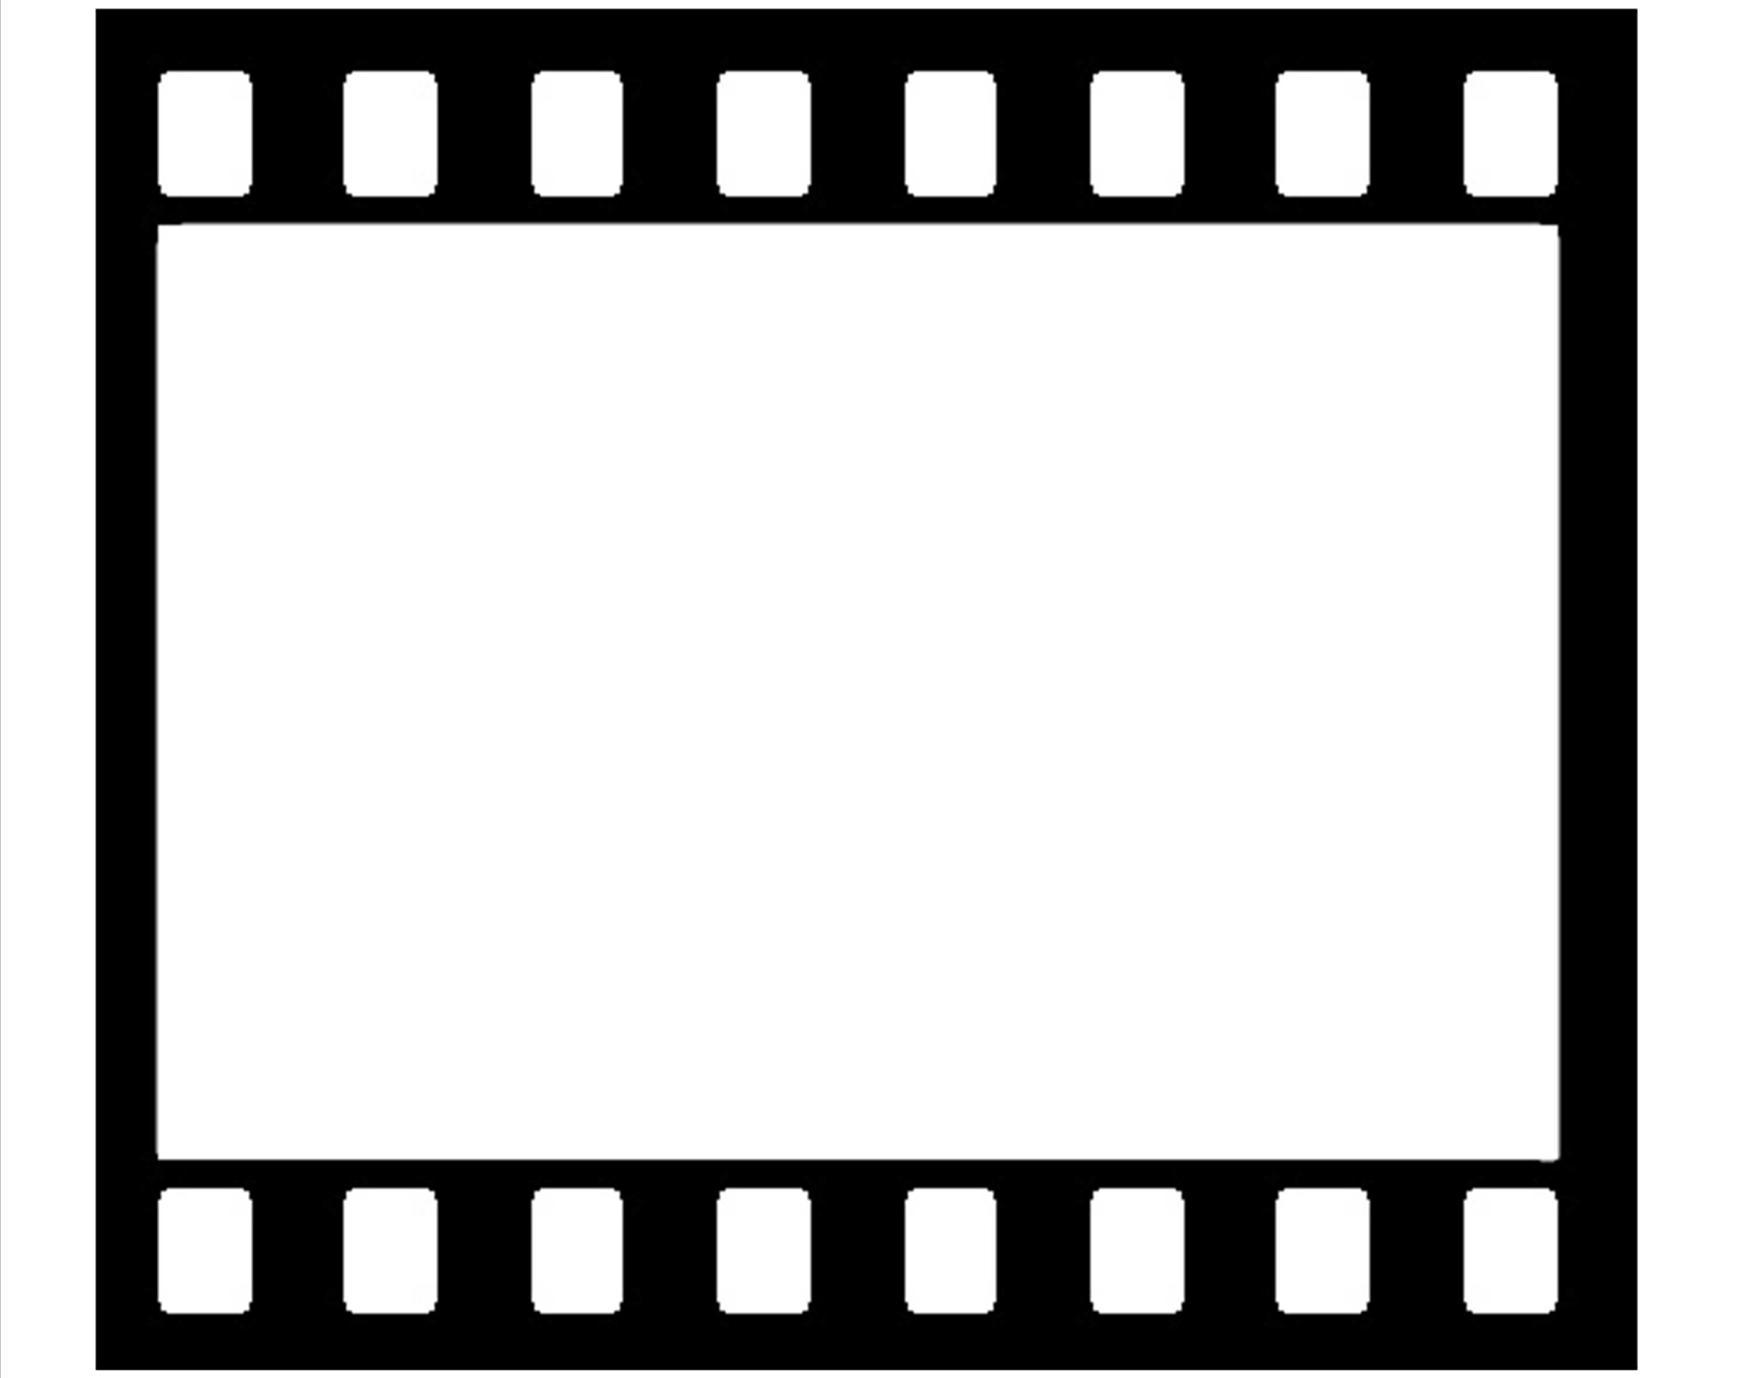 1752x1378 Movie Film Clip Art